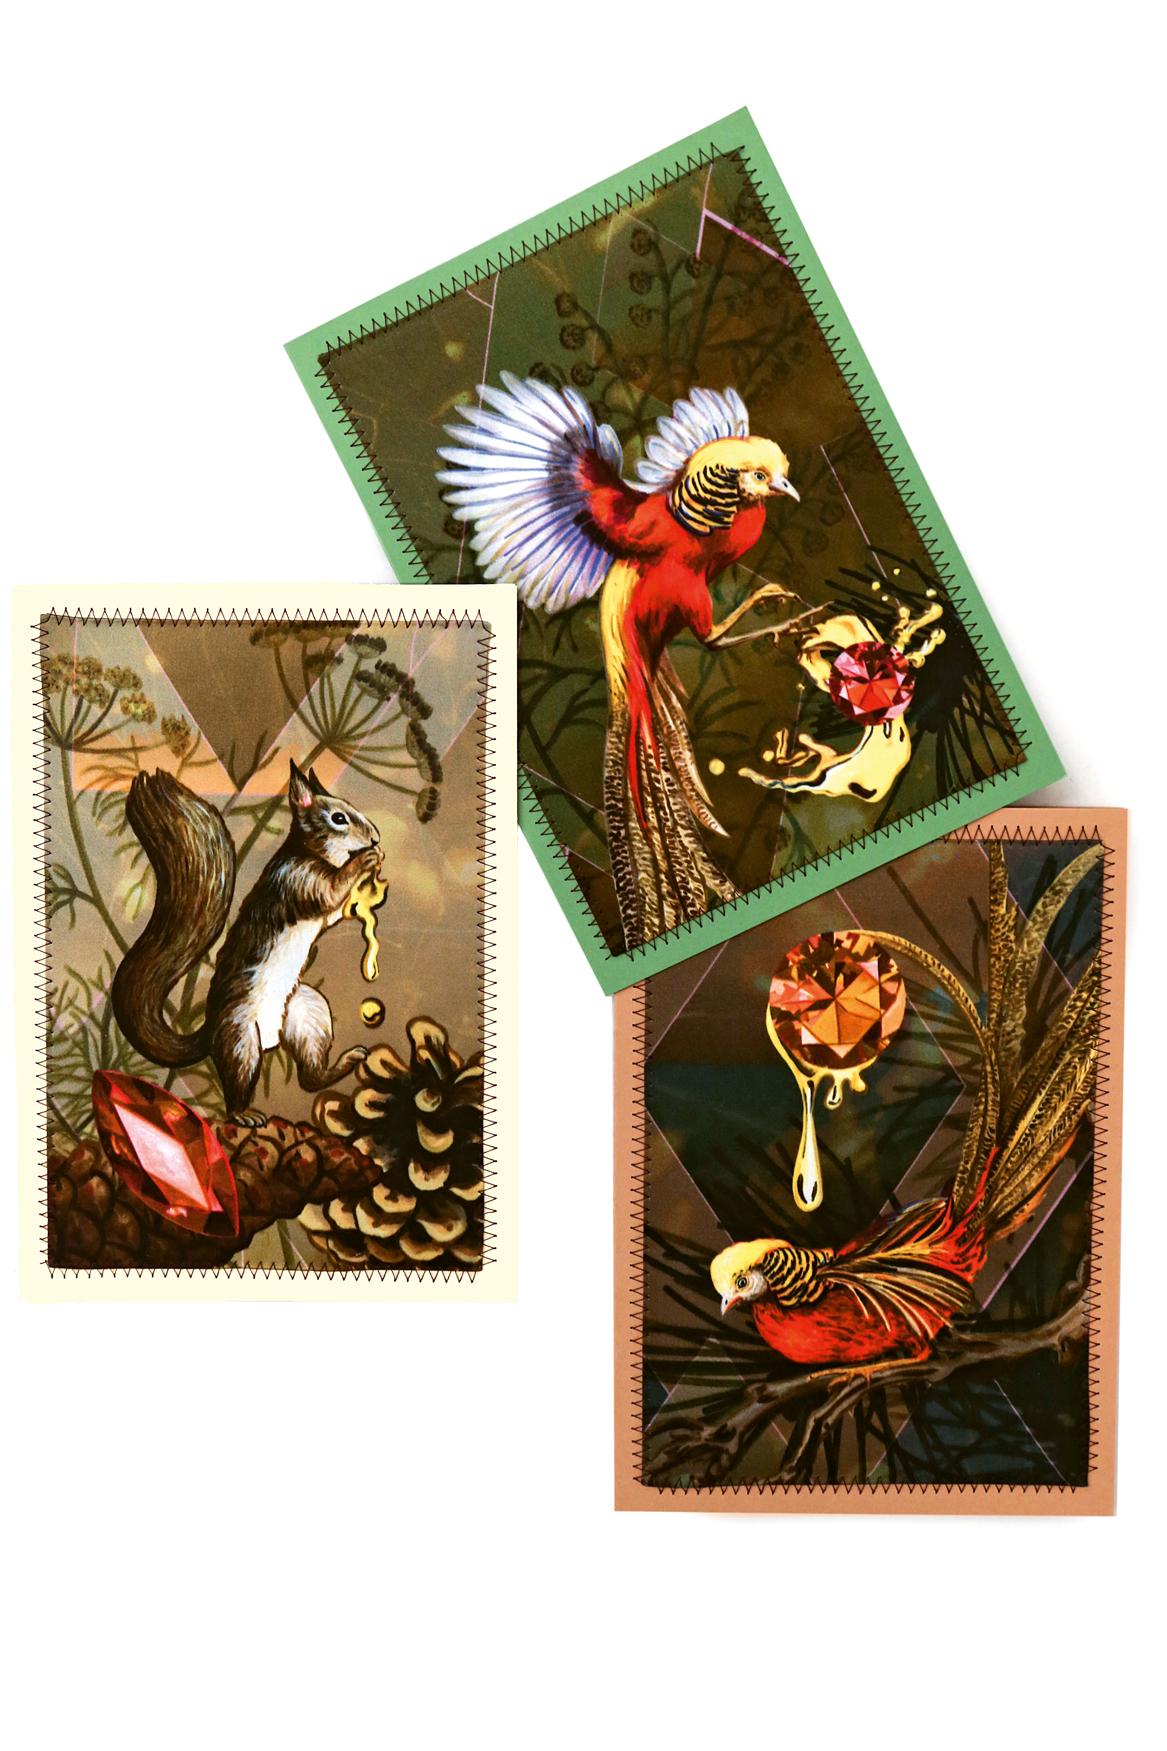 3er-Kartenset  zum Versenden oder Dekorieren (Format A5),  je Fr. 25.–